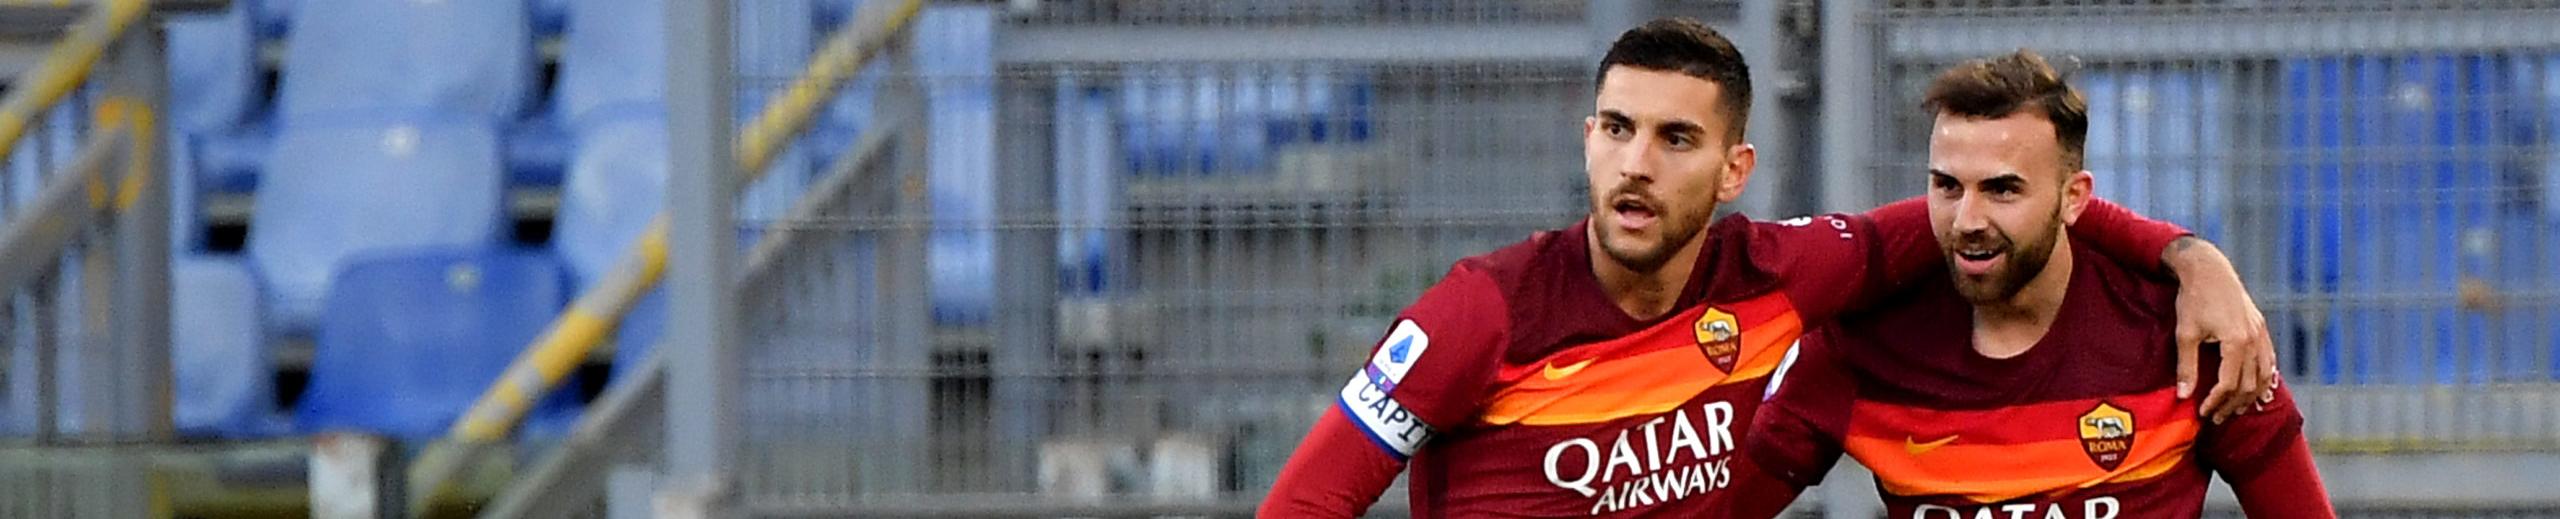 Roma-Udinese, i giallorossi chiamati al riscatto contro il muro friulano